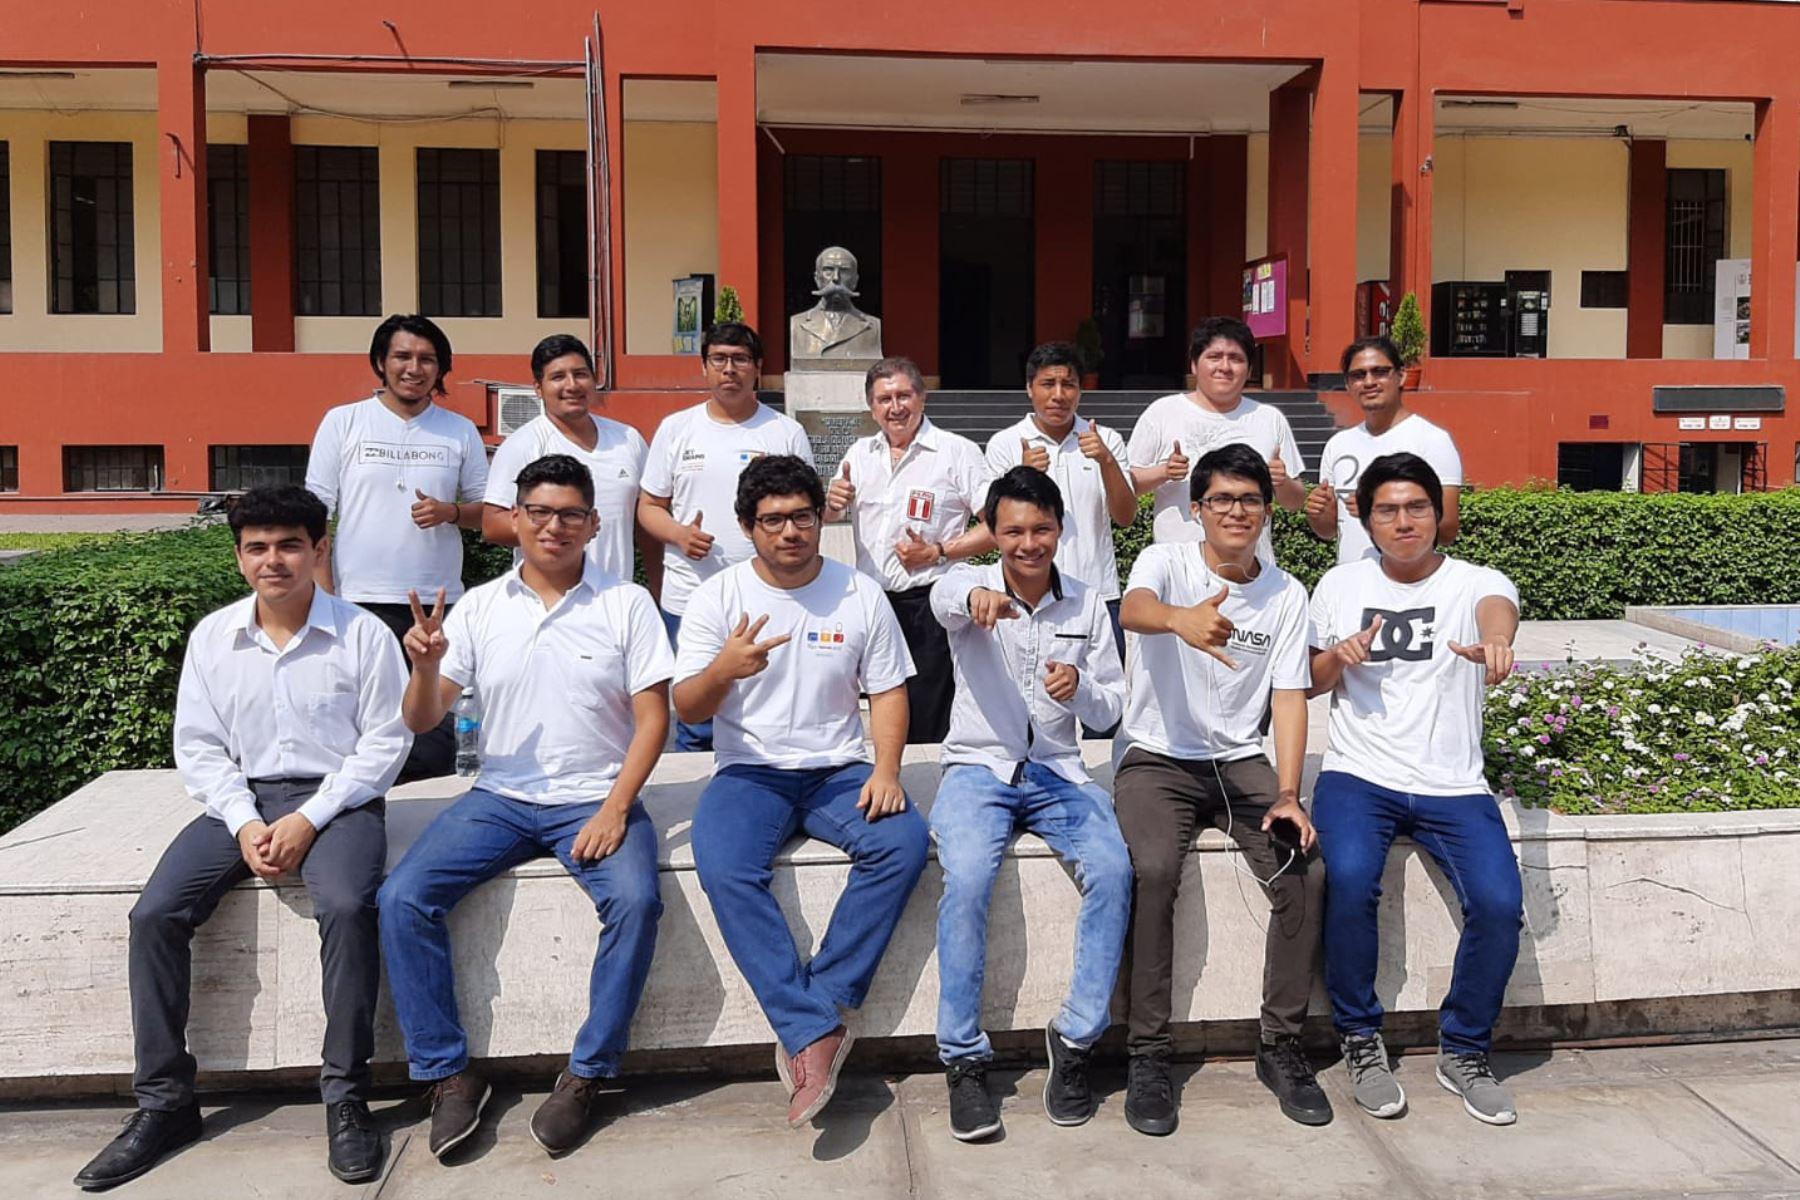 El ingeniero y docente Manuel Luque Casanave rodeado de los estudiantes que formaron parte del proyecto ganador. Foto: UNI